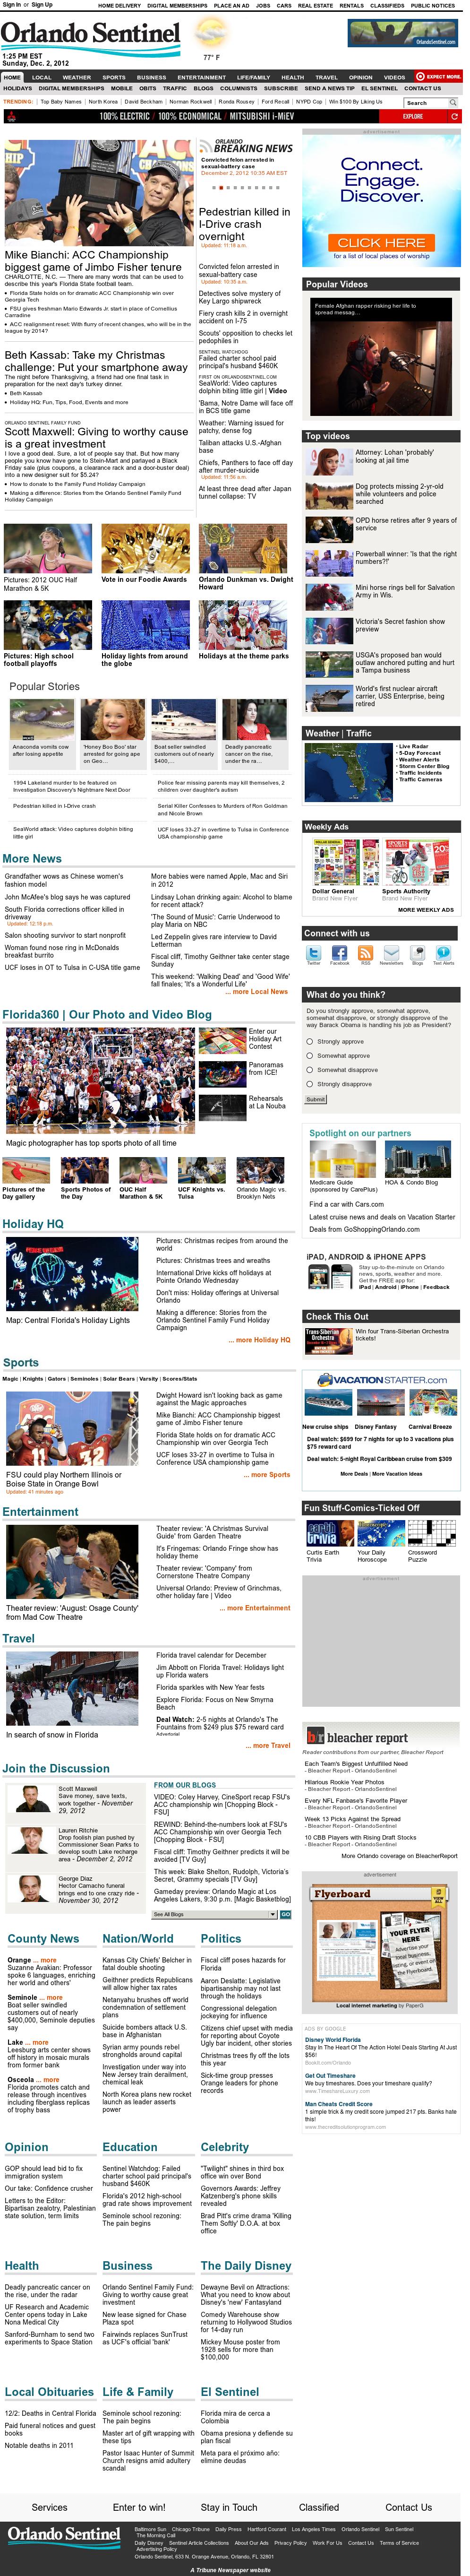 Orlando Sentinel at Sunday Dec. 2, 2012, 6:32 p.m. UTC